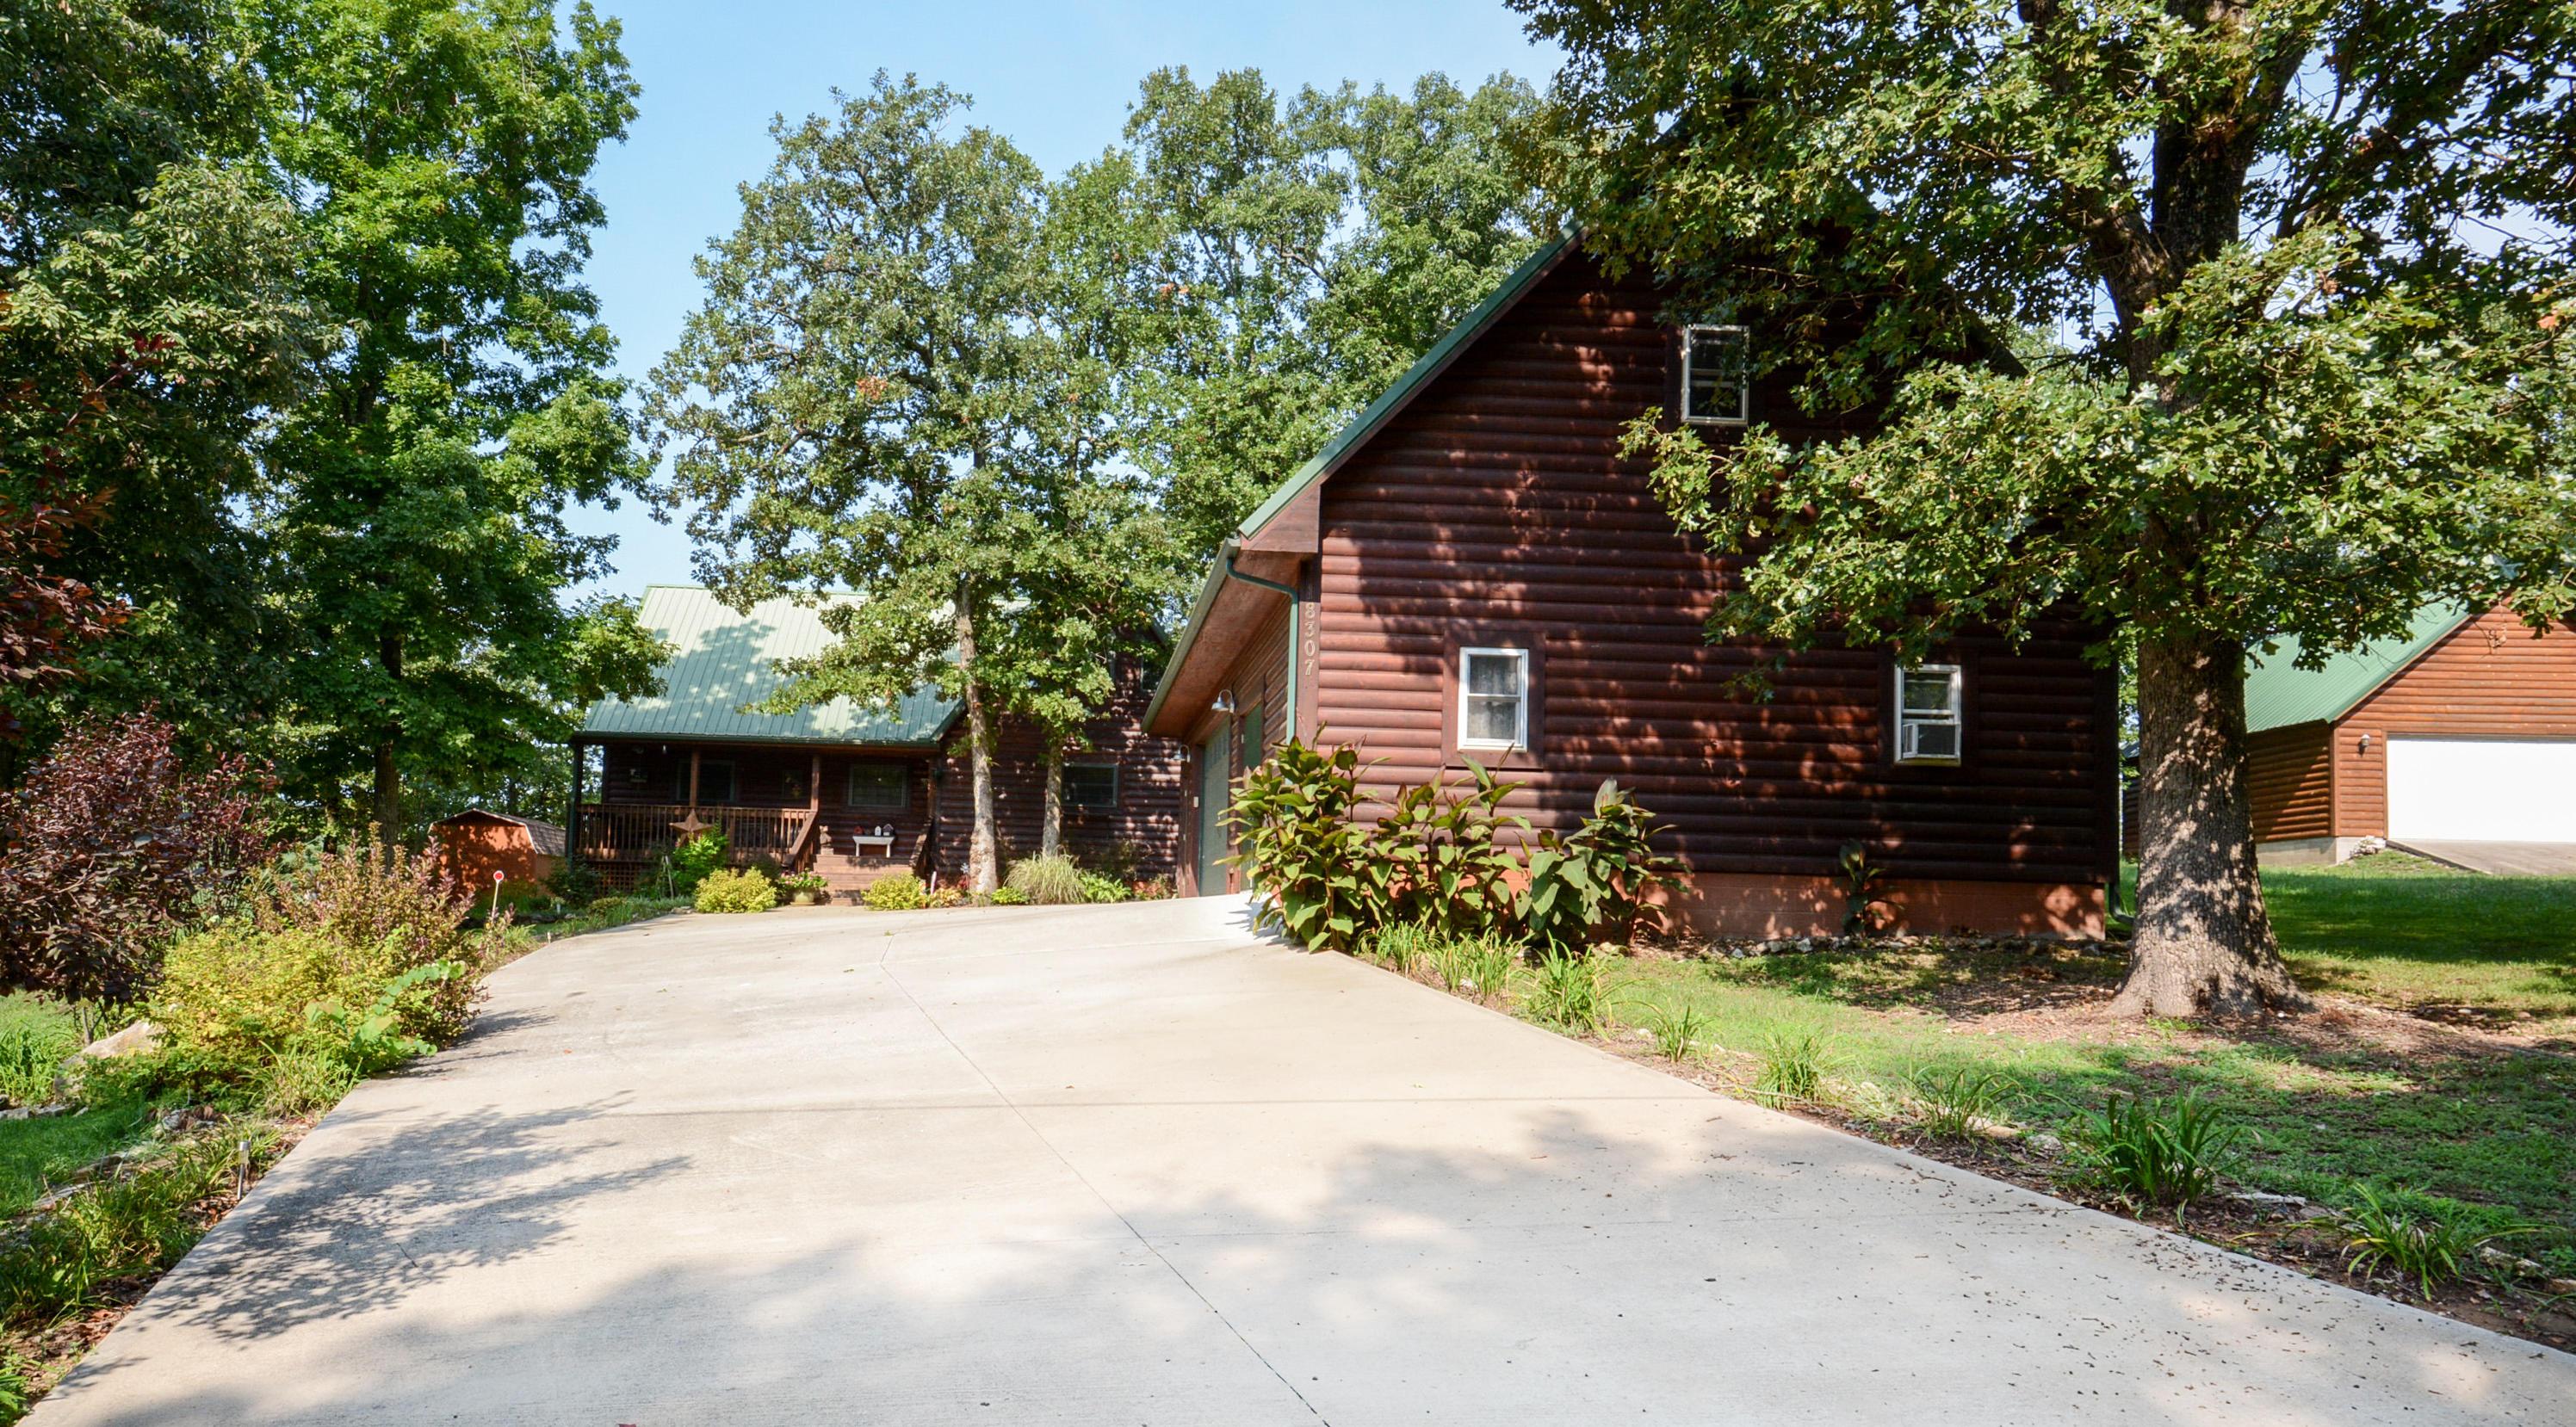 18307 Farm Road 2258 Eagle Rock, MO 65641